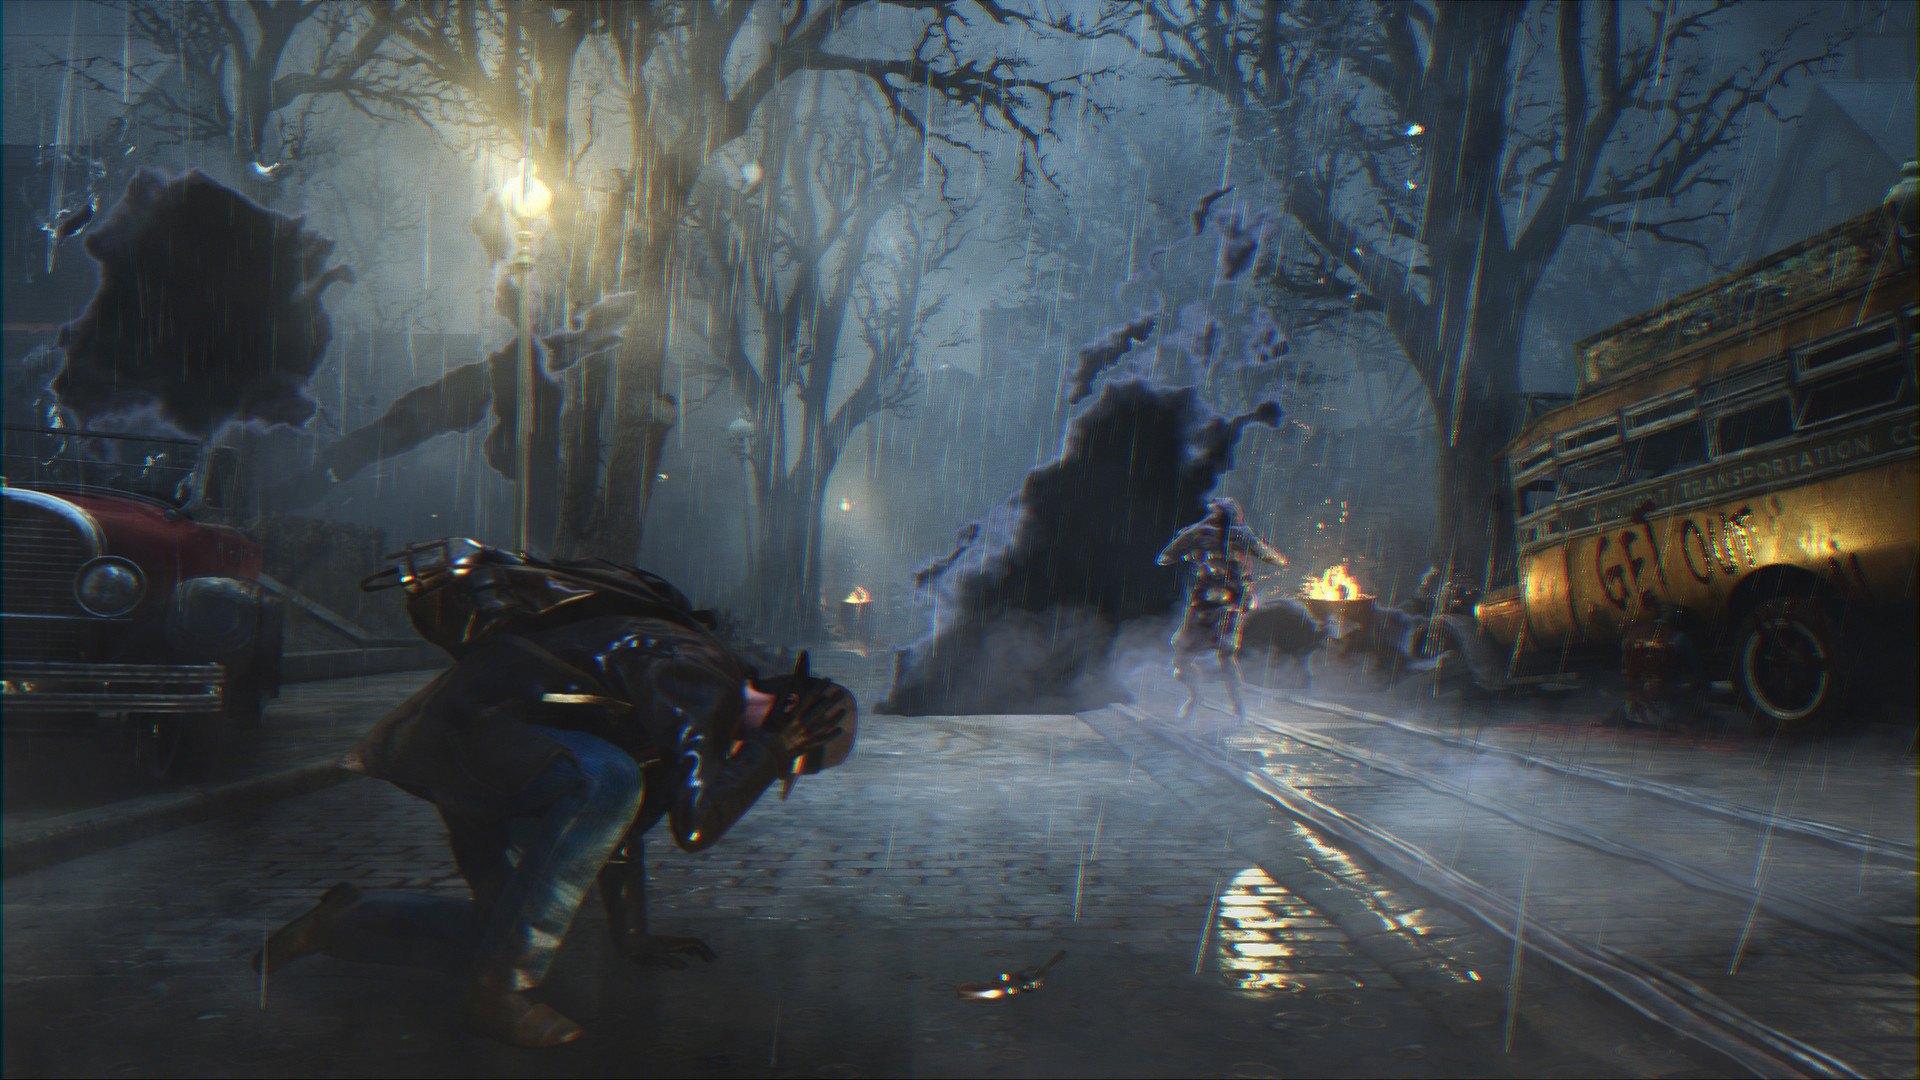 克苏鲁游戏 《沉没之城》 新截图 唤醒内心深处的恐惧